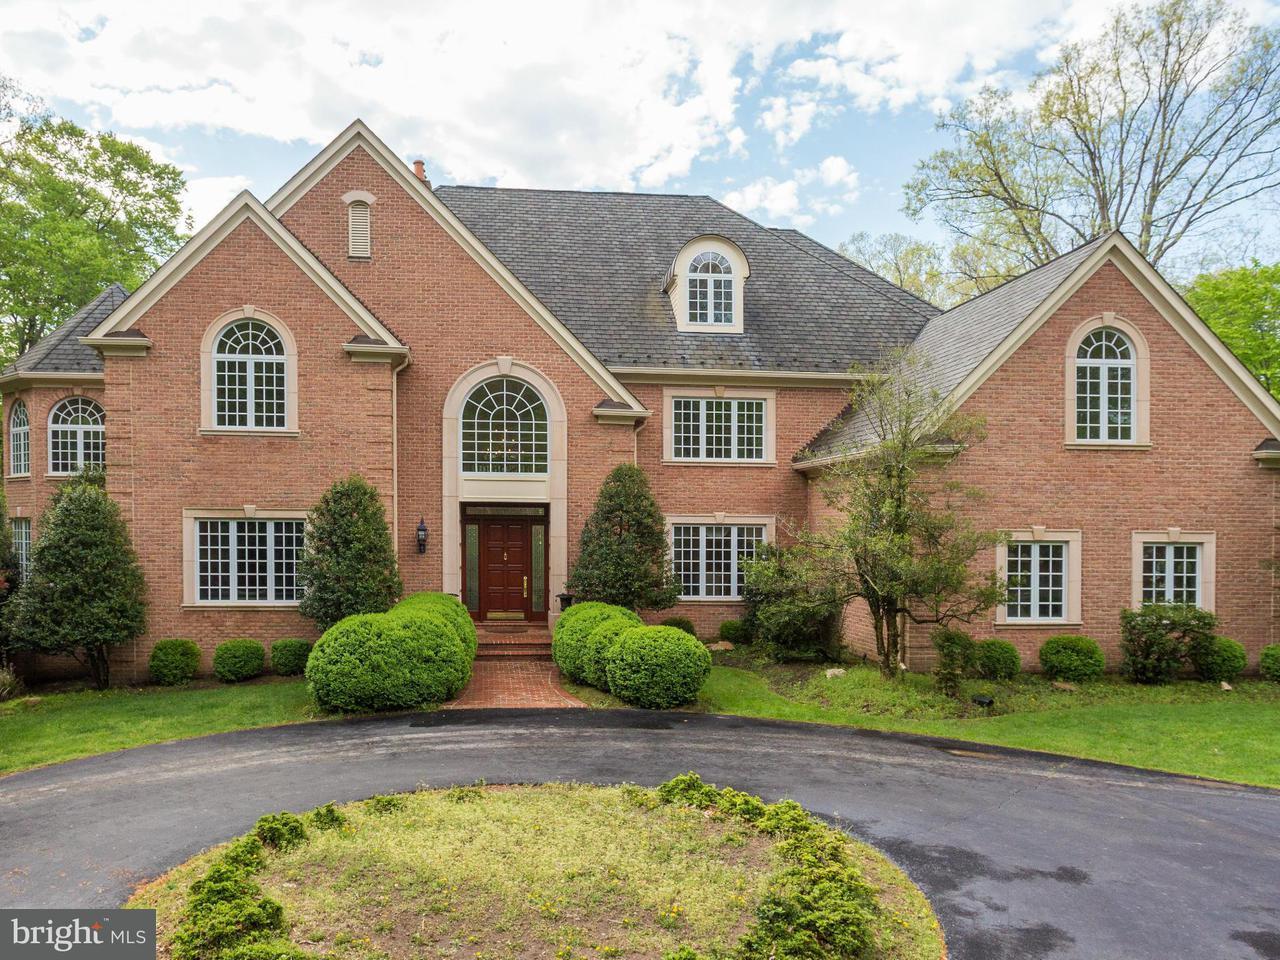 Μονοκατοικία για την Πώληση στο 12994 WYCKLAND Drive 12994 WYCKLAND Drive Clifton, Βιρτζινια 20124 Ηνωμενεσ Πολιτειεσ